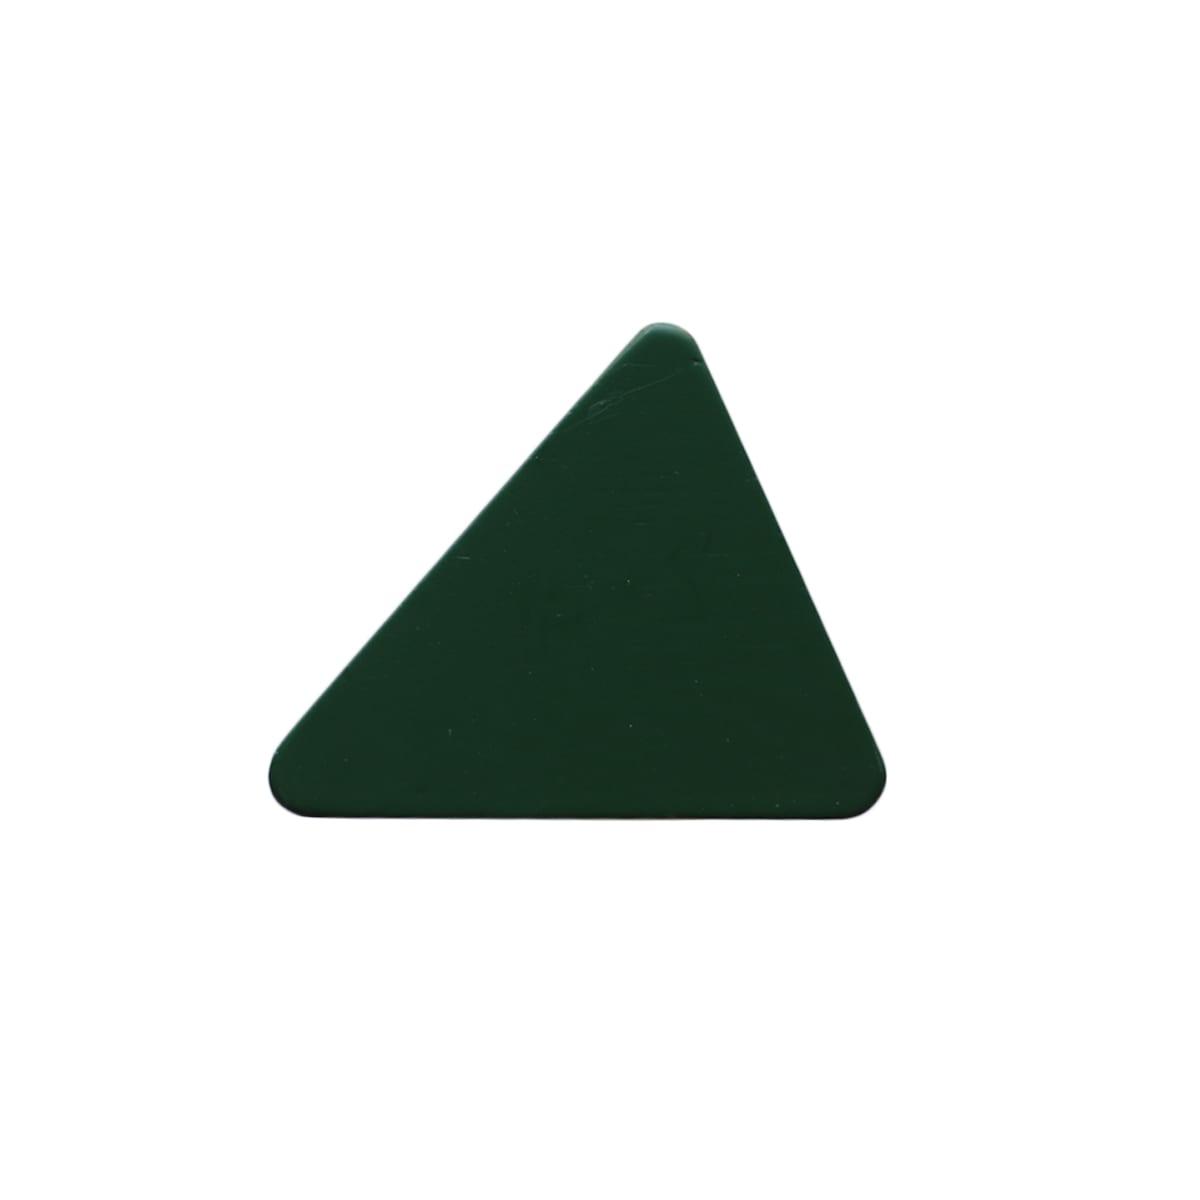 patere petite verte